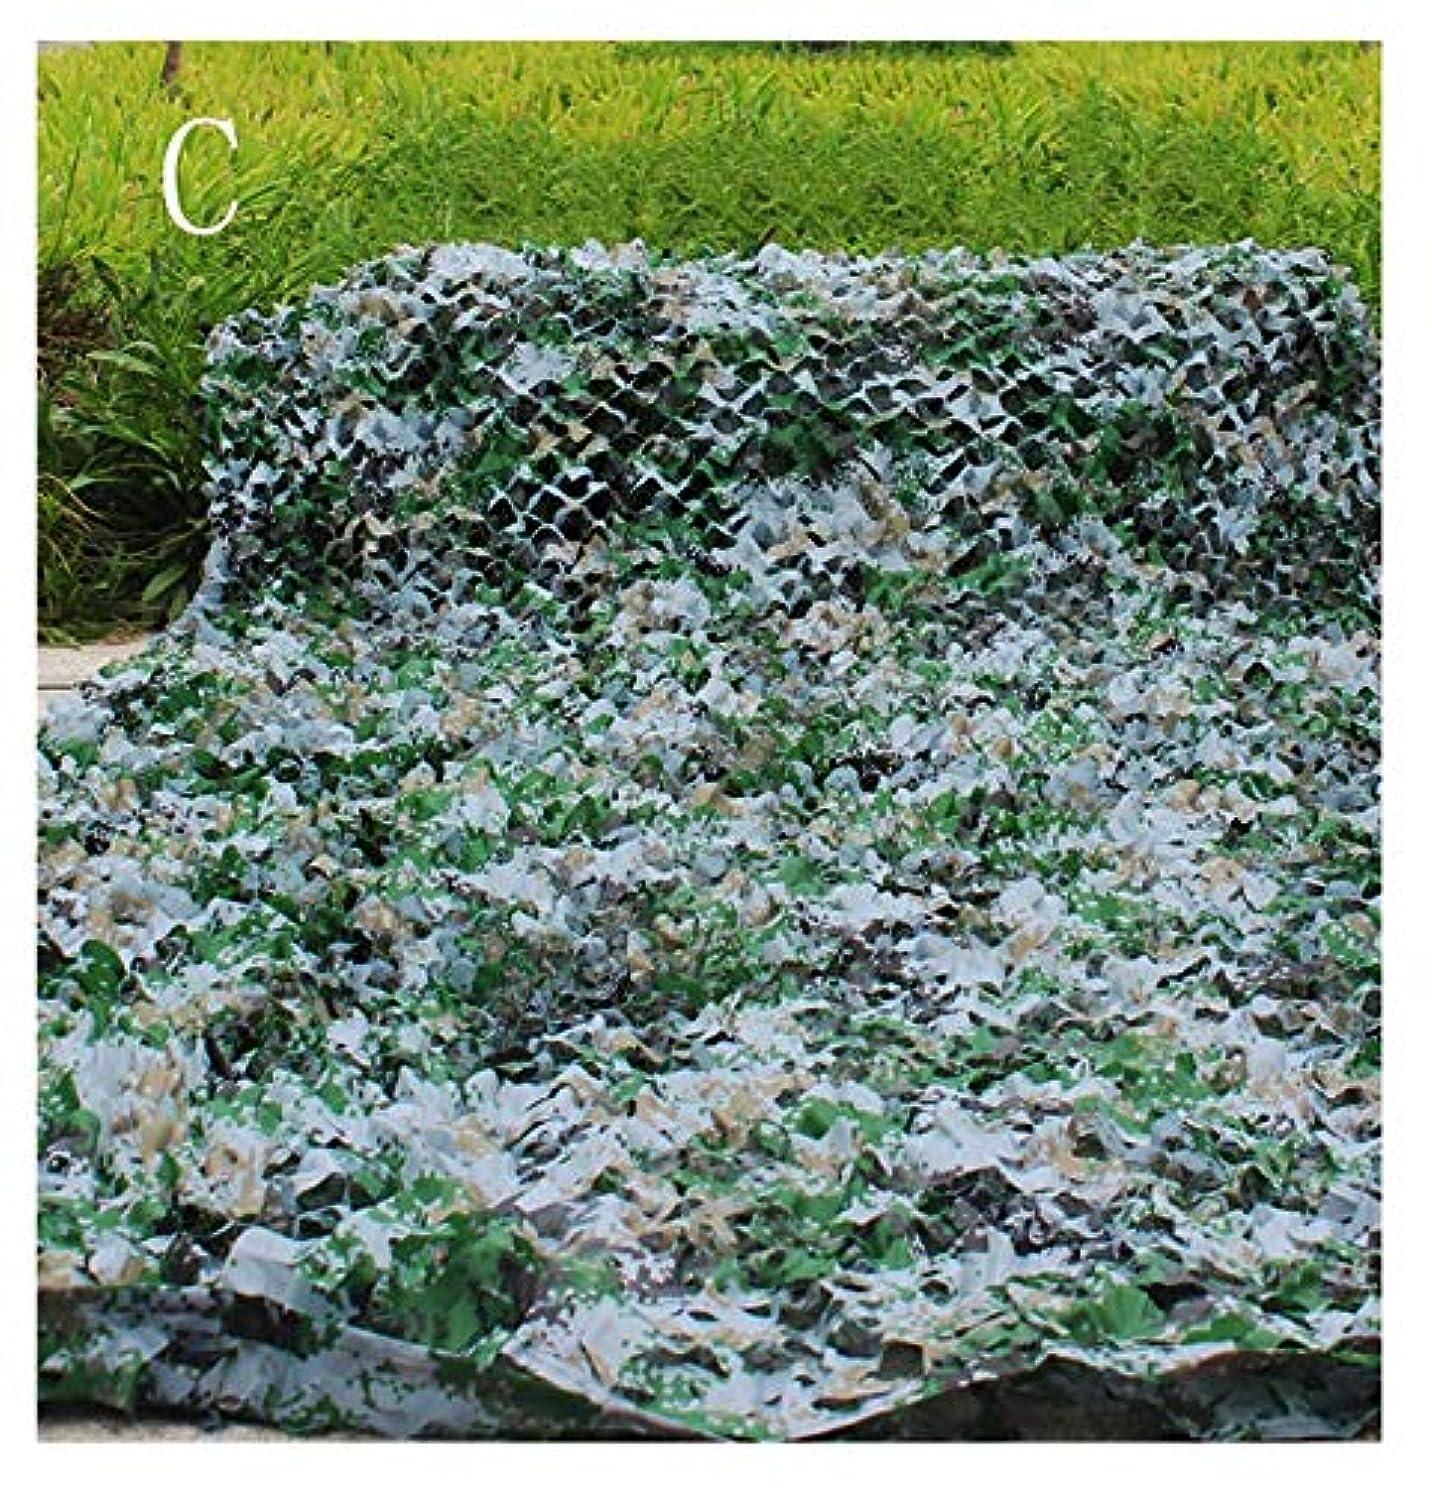 カフェテリア失速湿原カモフラージュカモフラージュネット/ハンティングシューティングミリタリーカモフラージュネットは野生のキャンプに使用することができます(7色から選ぶ) (色 : C, サイズ さいず : 10 * 10m)